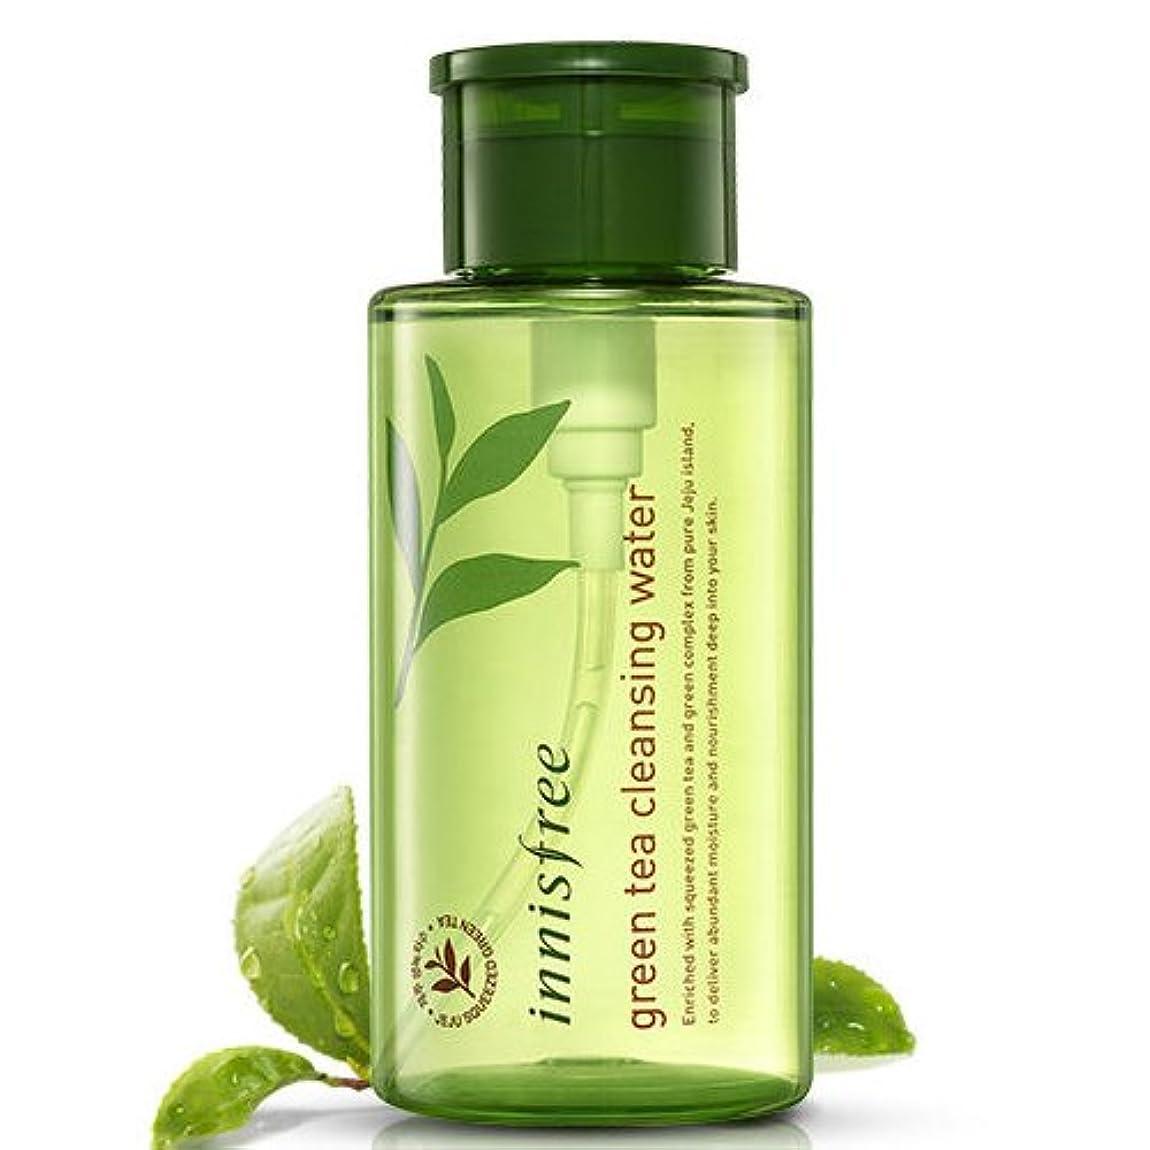 リールサーキュレーション潤滑する[INNISFREE]イニスフリーグリーンティークレンジングウォーター 300ml innisfree green tea cleansing water 300ml[並行輸入品]